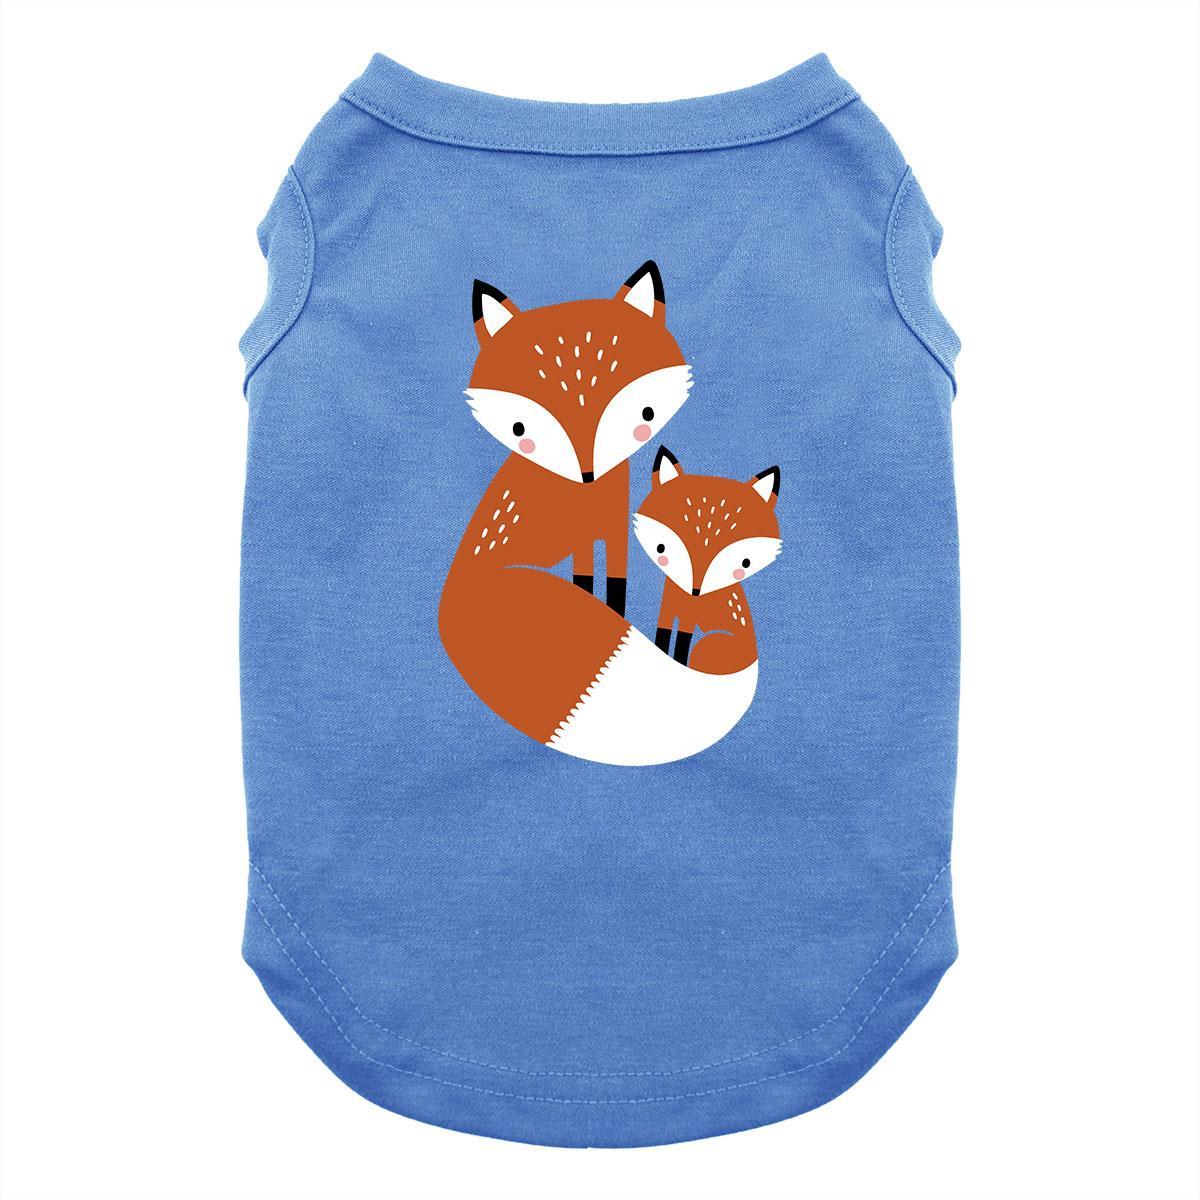 Cuddling Foxes Dog Shirt - Blue